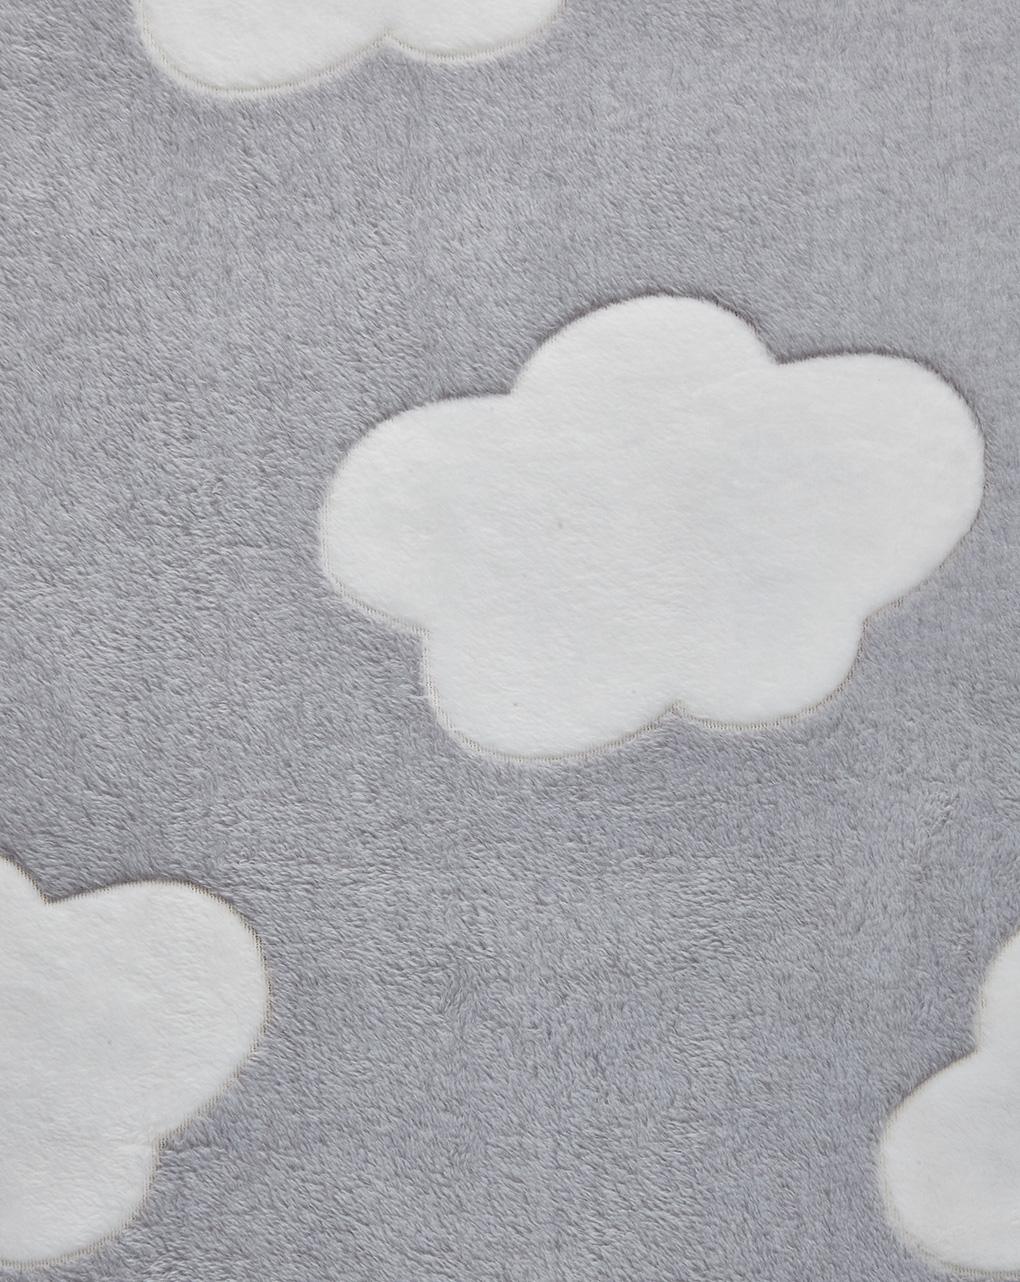 Culla/carrozzina - coperta per culla in finta pelliccetta grigio con nuvole bianche - Prénatal